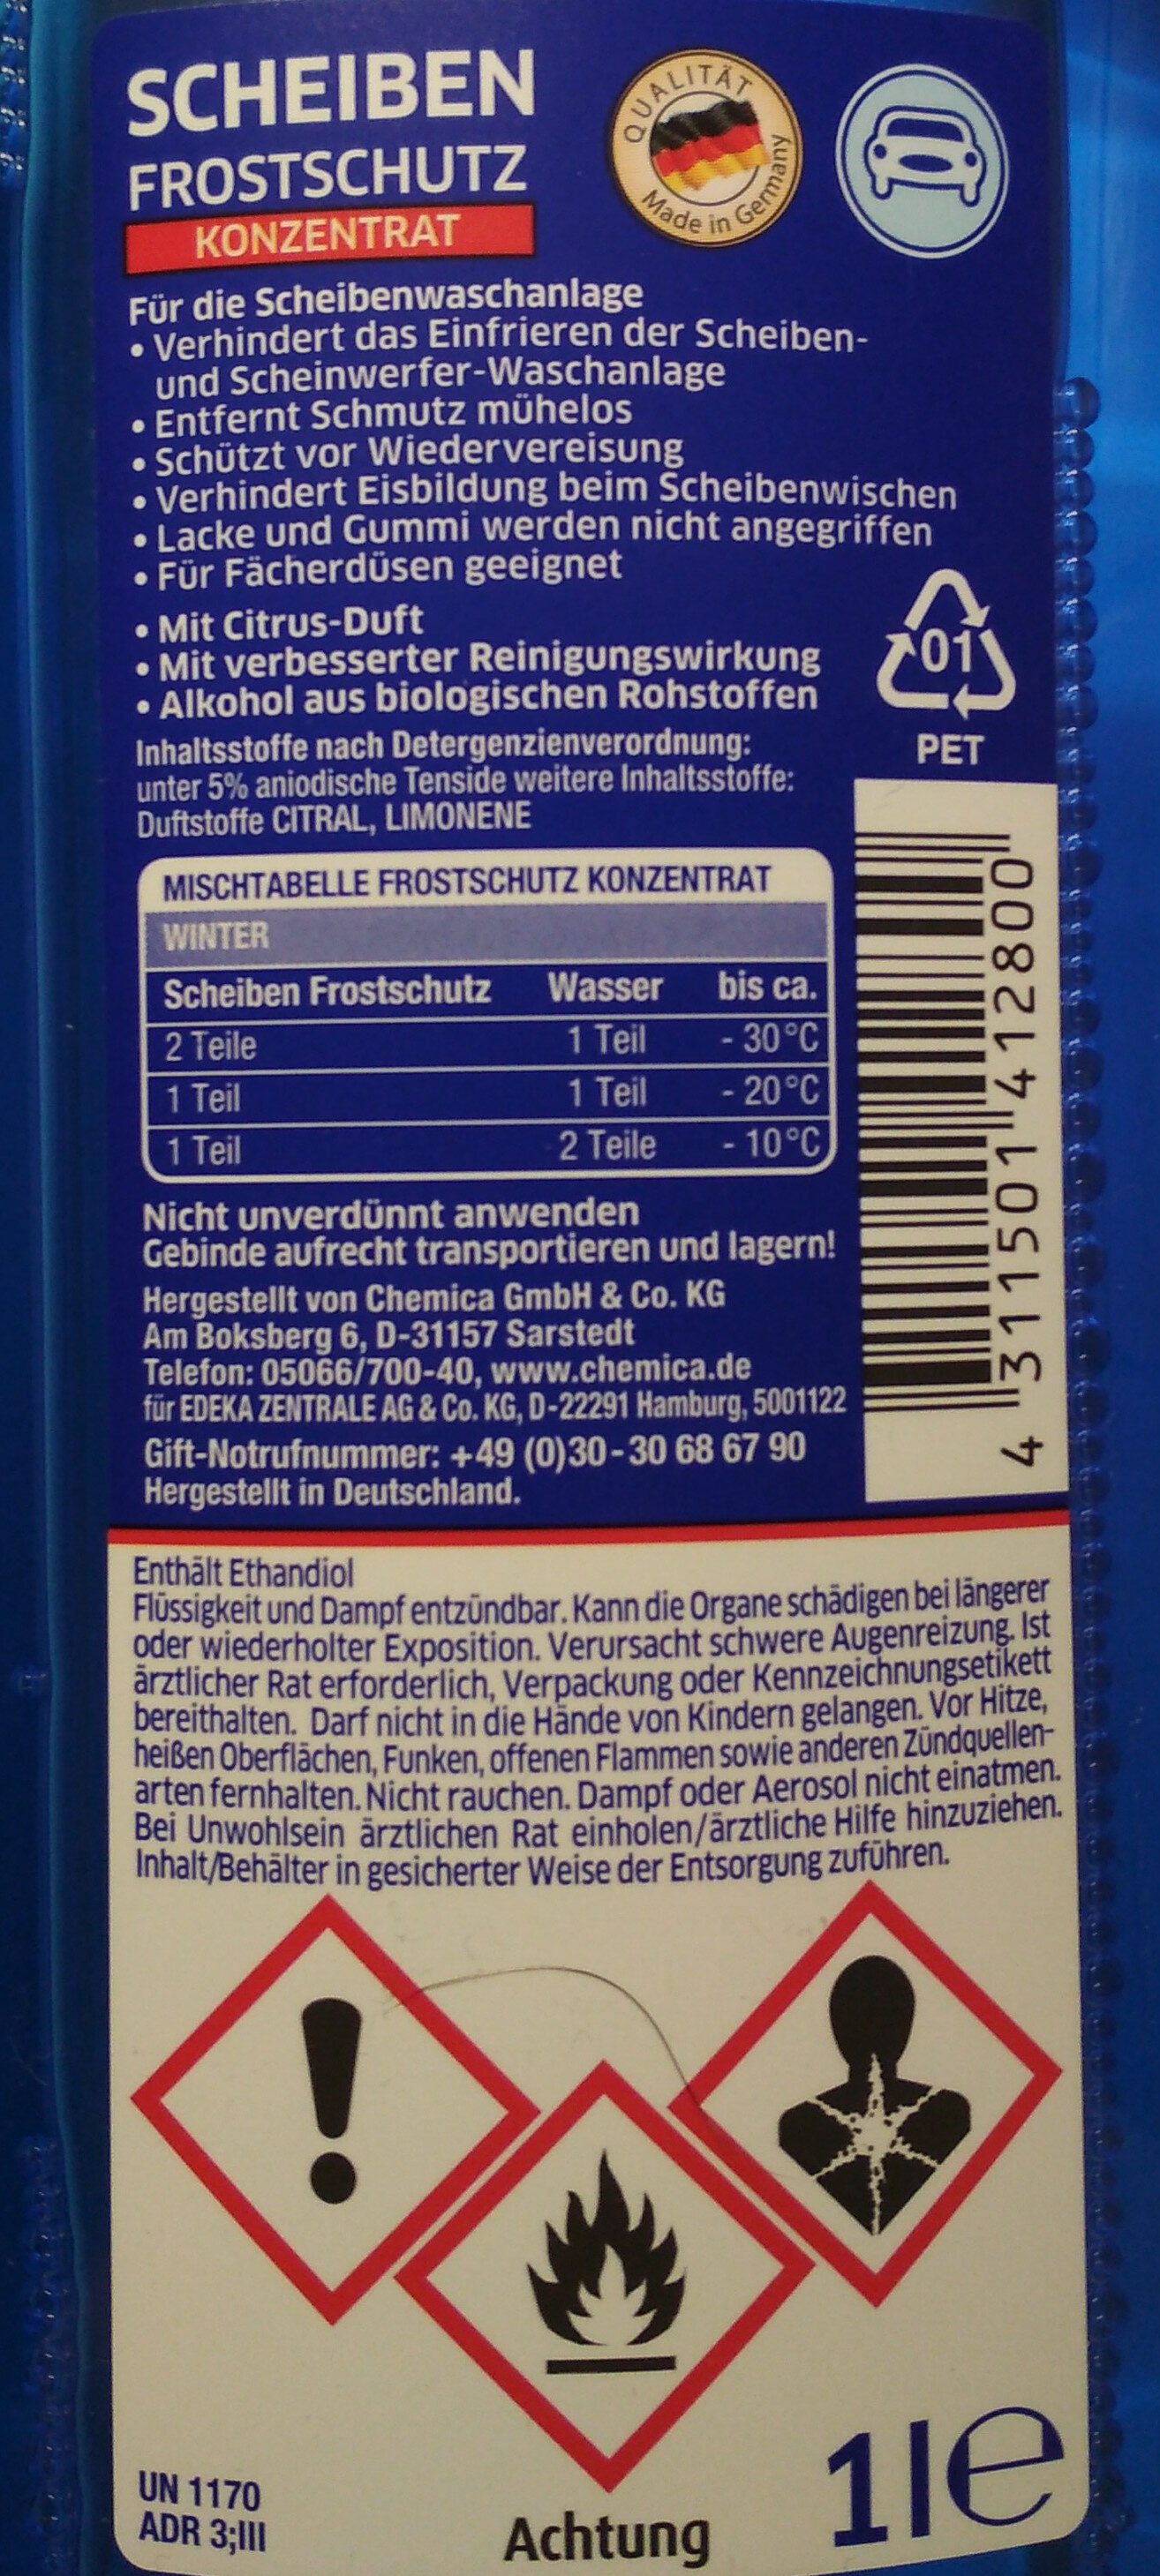 Scheiben Frostschutz Konzentrat - Ingredients